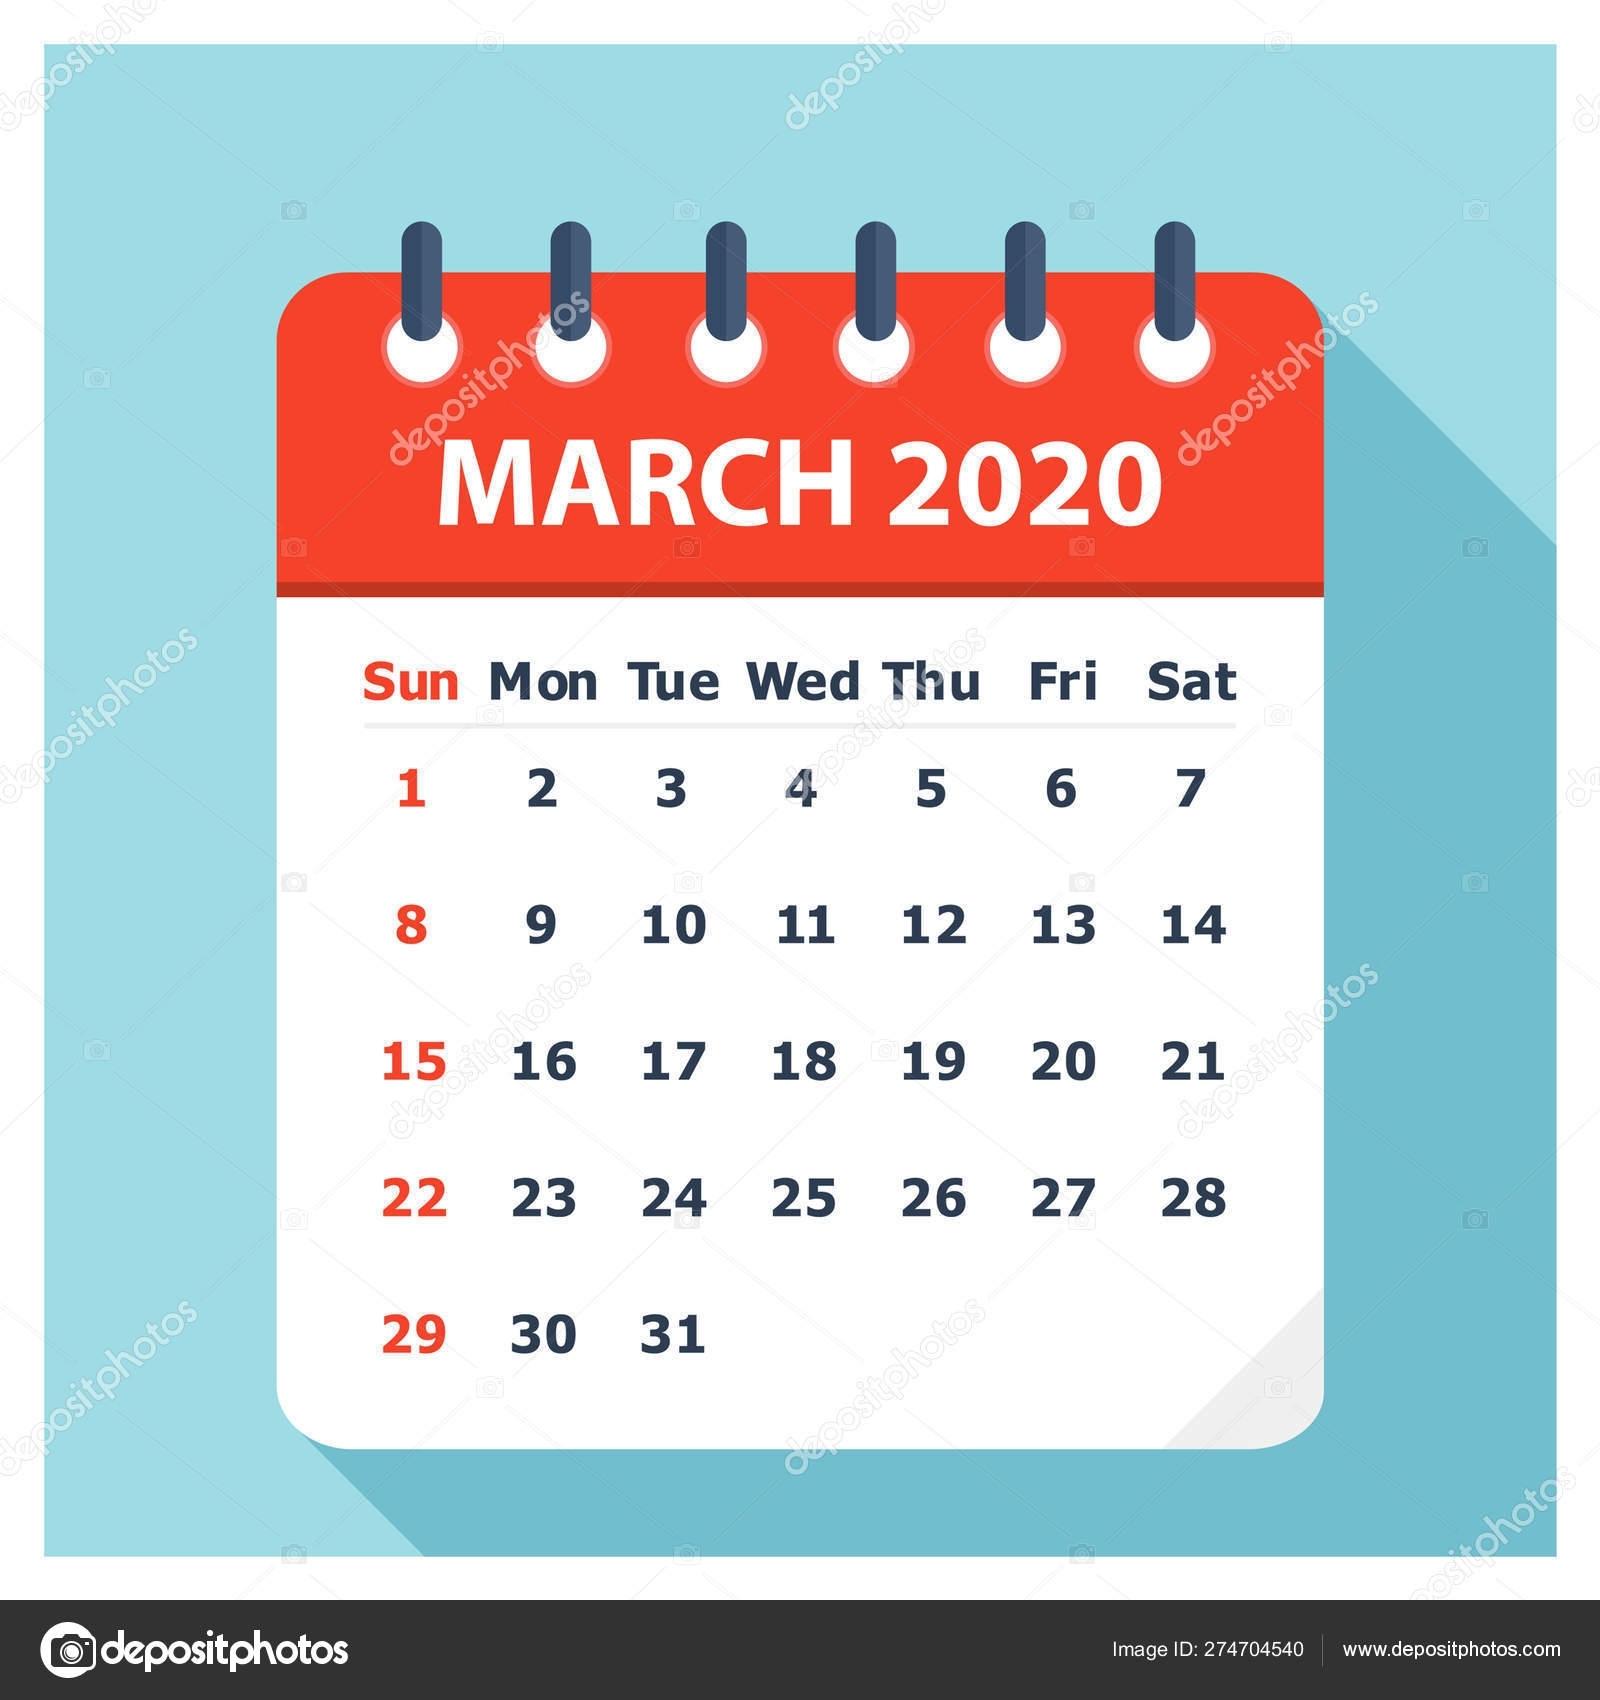 March 2020 - Calendar Icon - Calendar Design Template